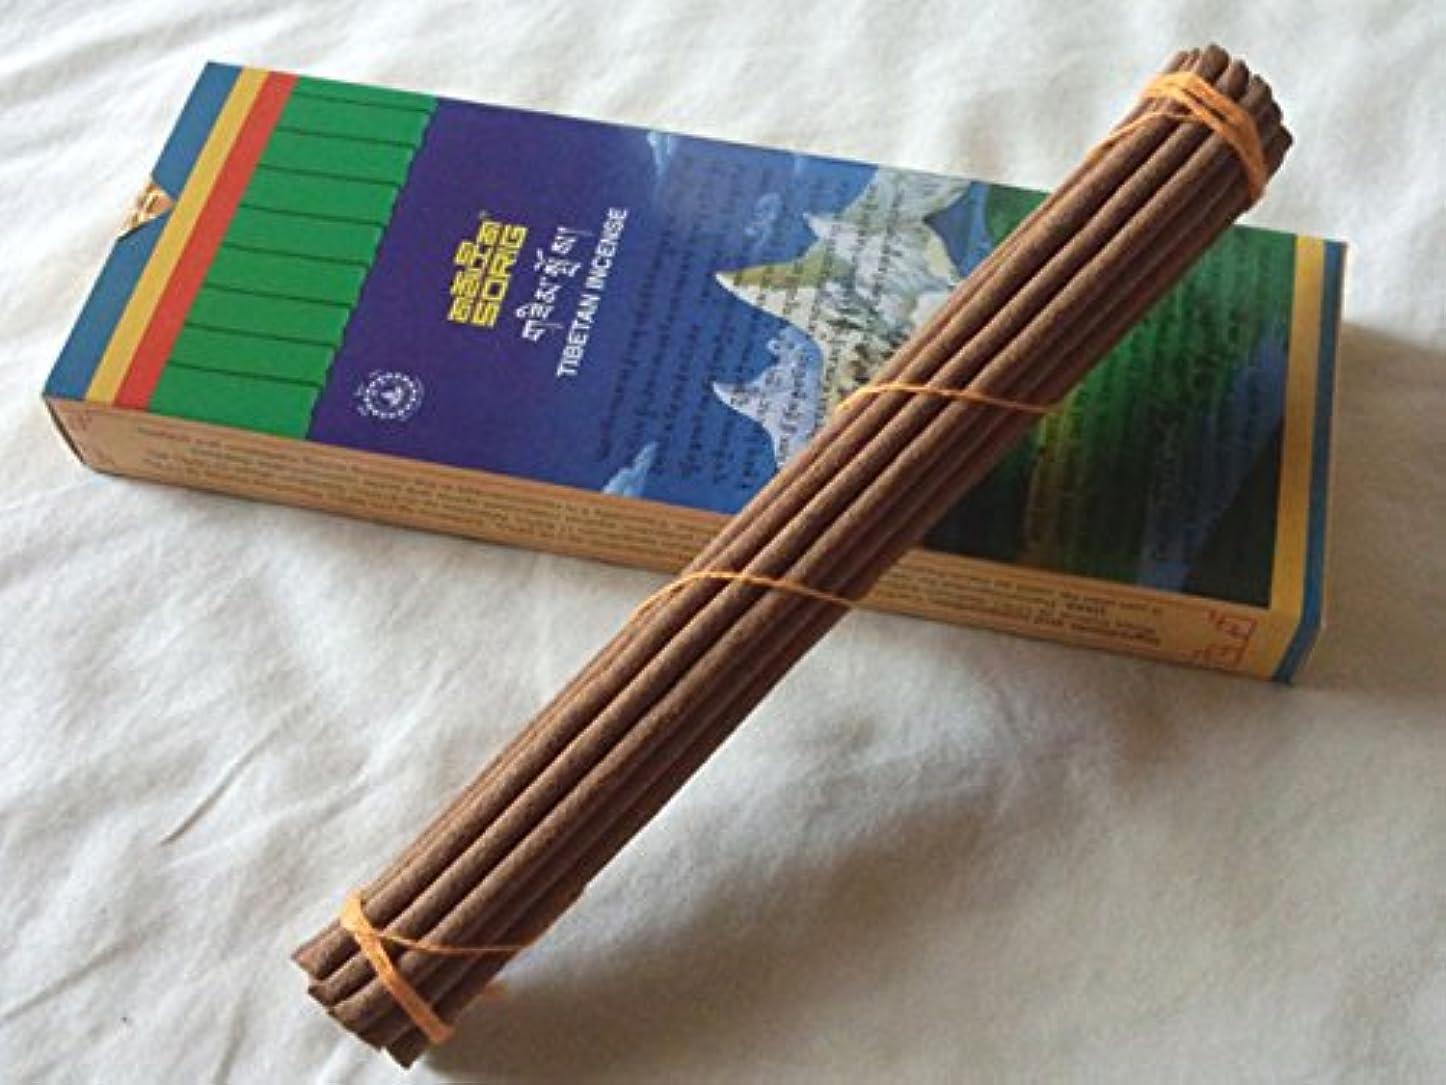 知覚する終わったひらめきMen-Tsee-Khang/メンツィカンのお香-お徳用トリプル SORIG Tibetan Incense big 約20本入×3束